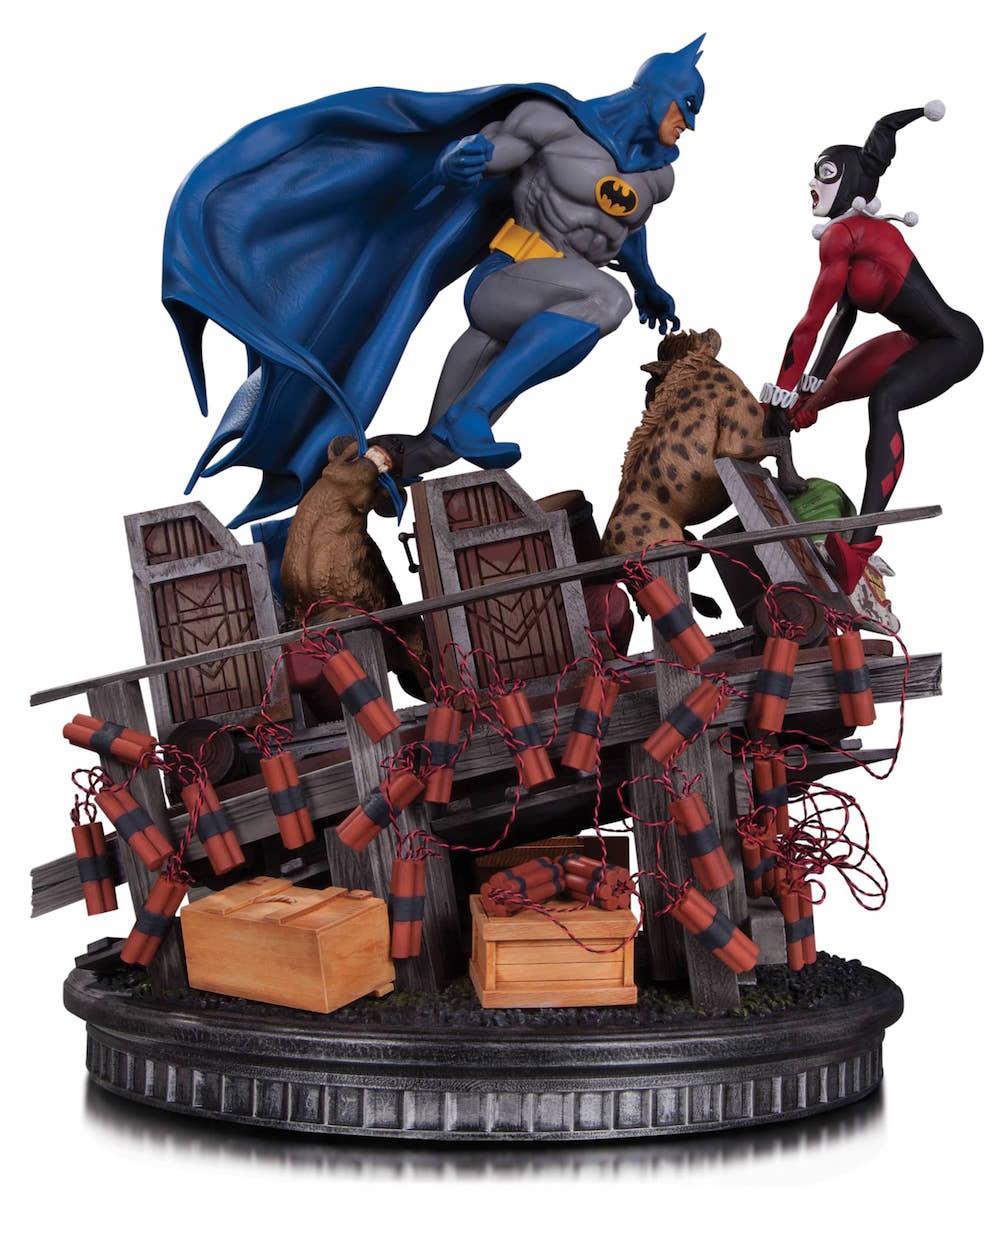 BATMAN VS HARLEY QUINN BATALLA ESTATUA 35,5 CM DC COMICS